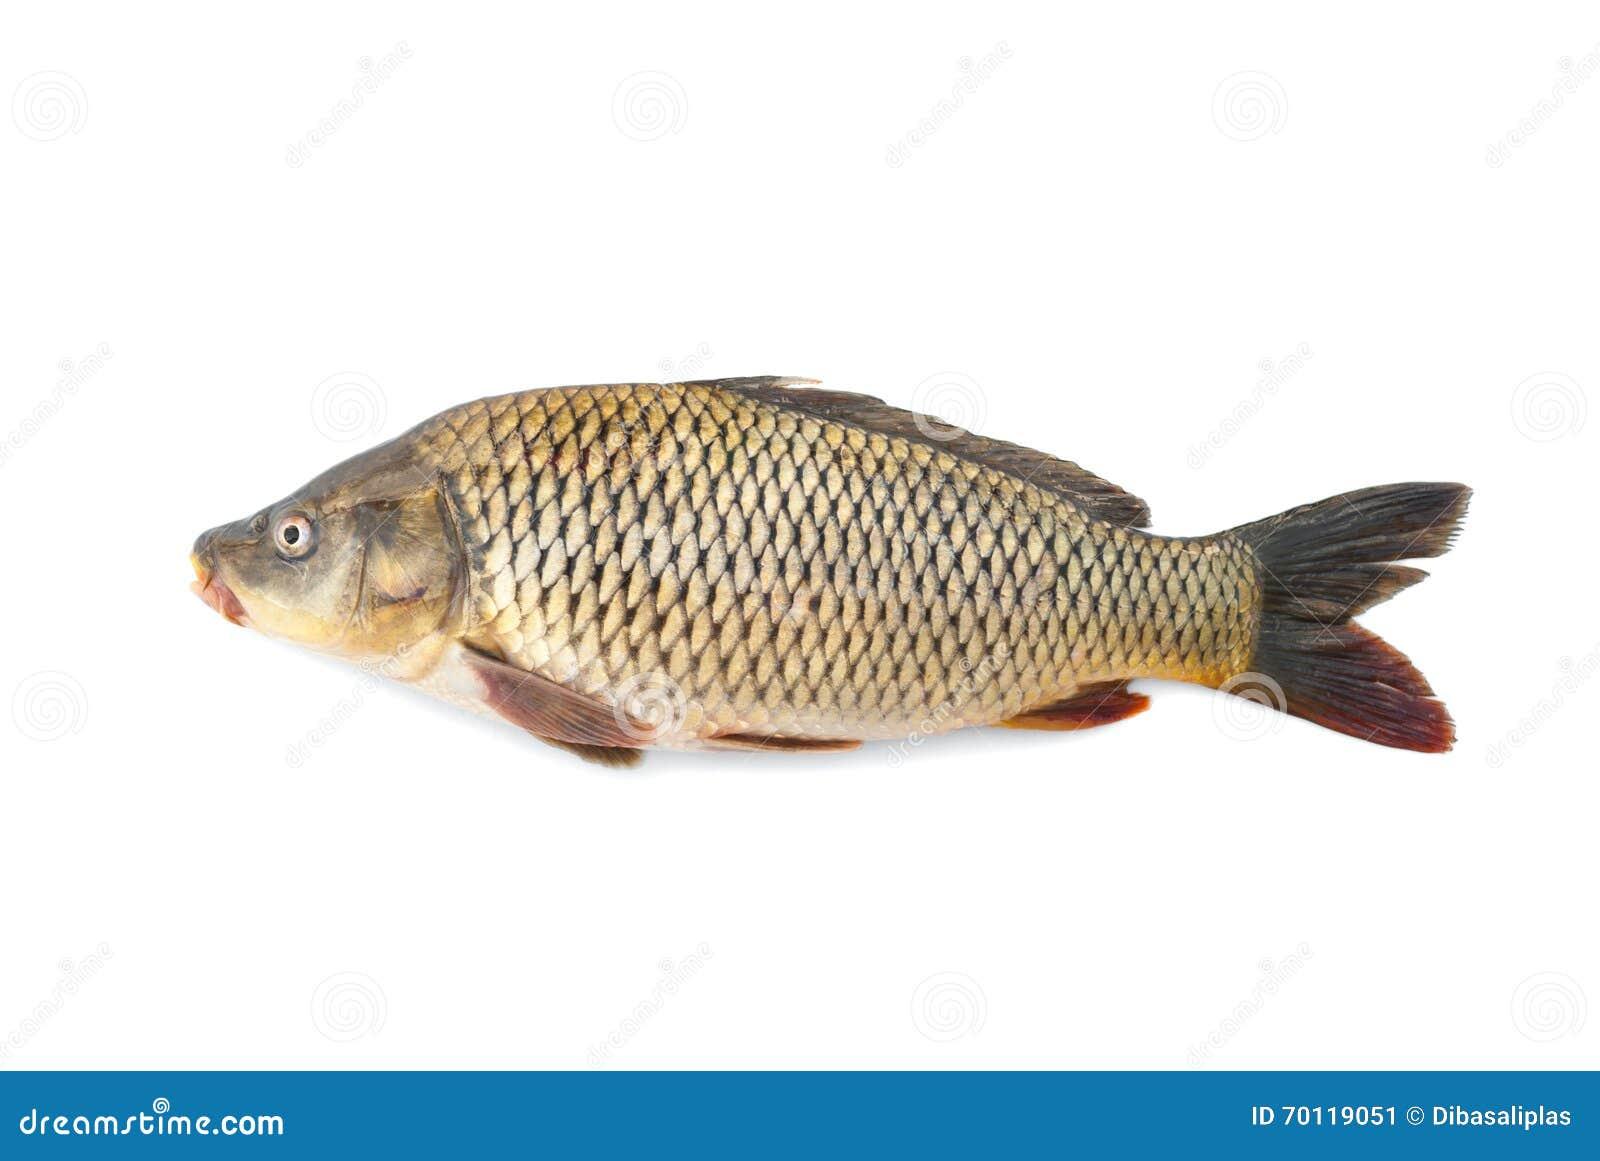 Pescados vivos del r o de la carpa imagen de archivo for Carpa de rio